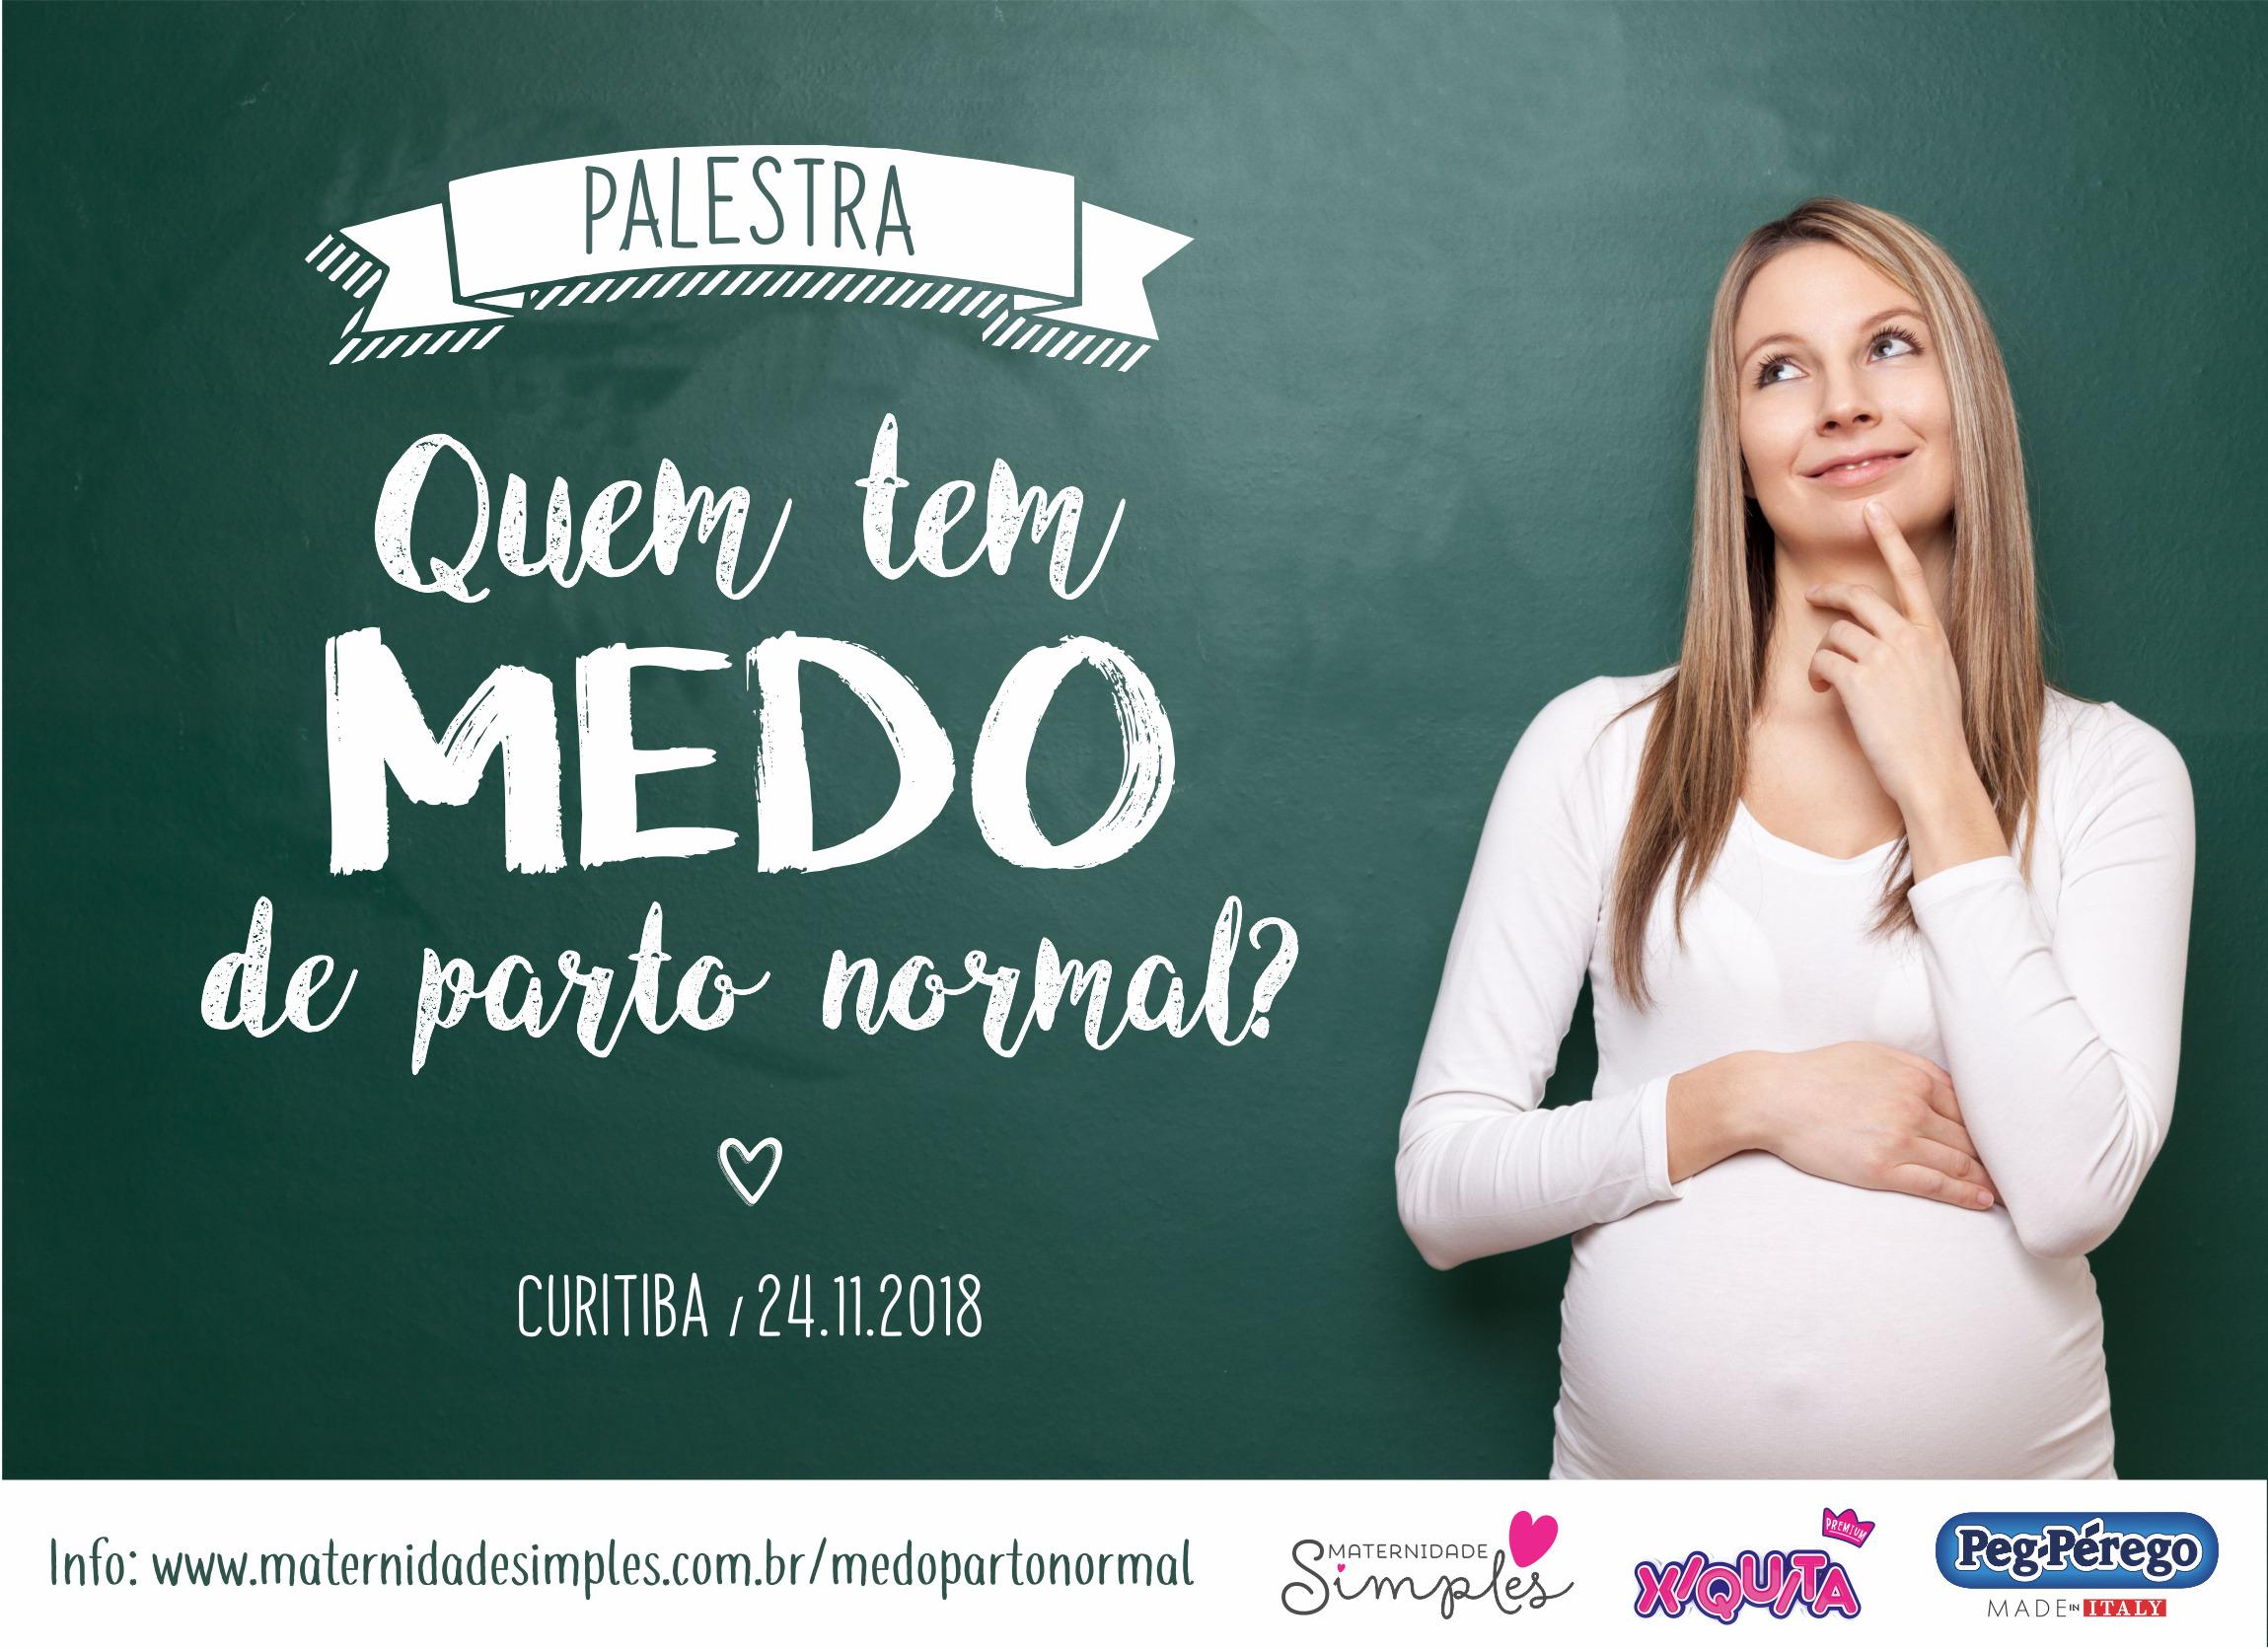 """Palestra """"Quem tem medo de parto normal"""", em Curitiba"""